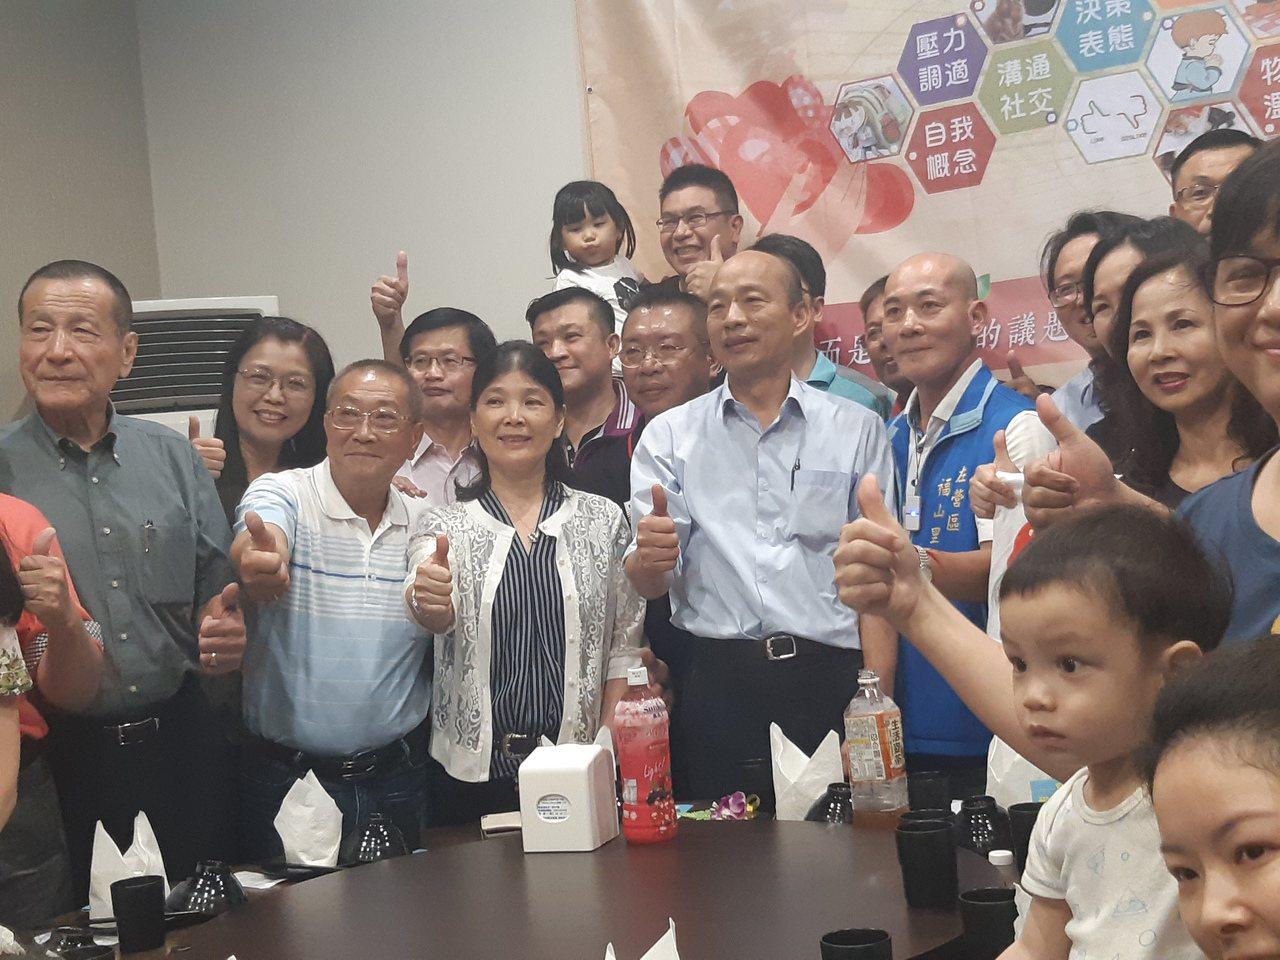 高雄市長韓國瑜快閃兒少毒品預防網絡感恩餐會。記者賴郁薇/攝影